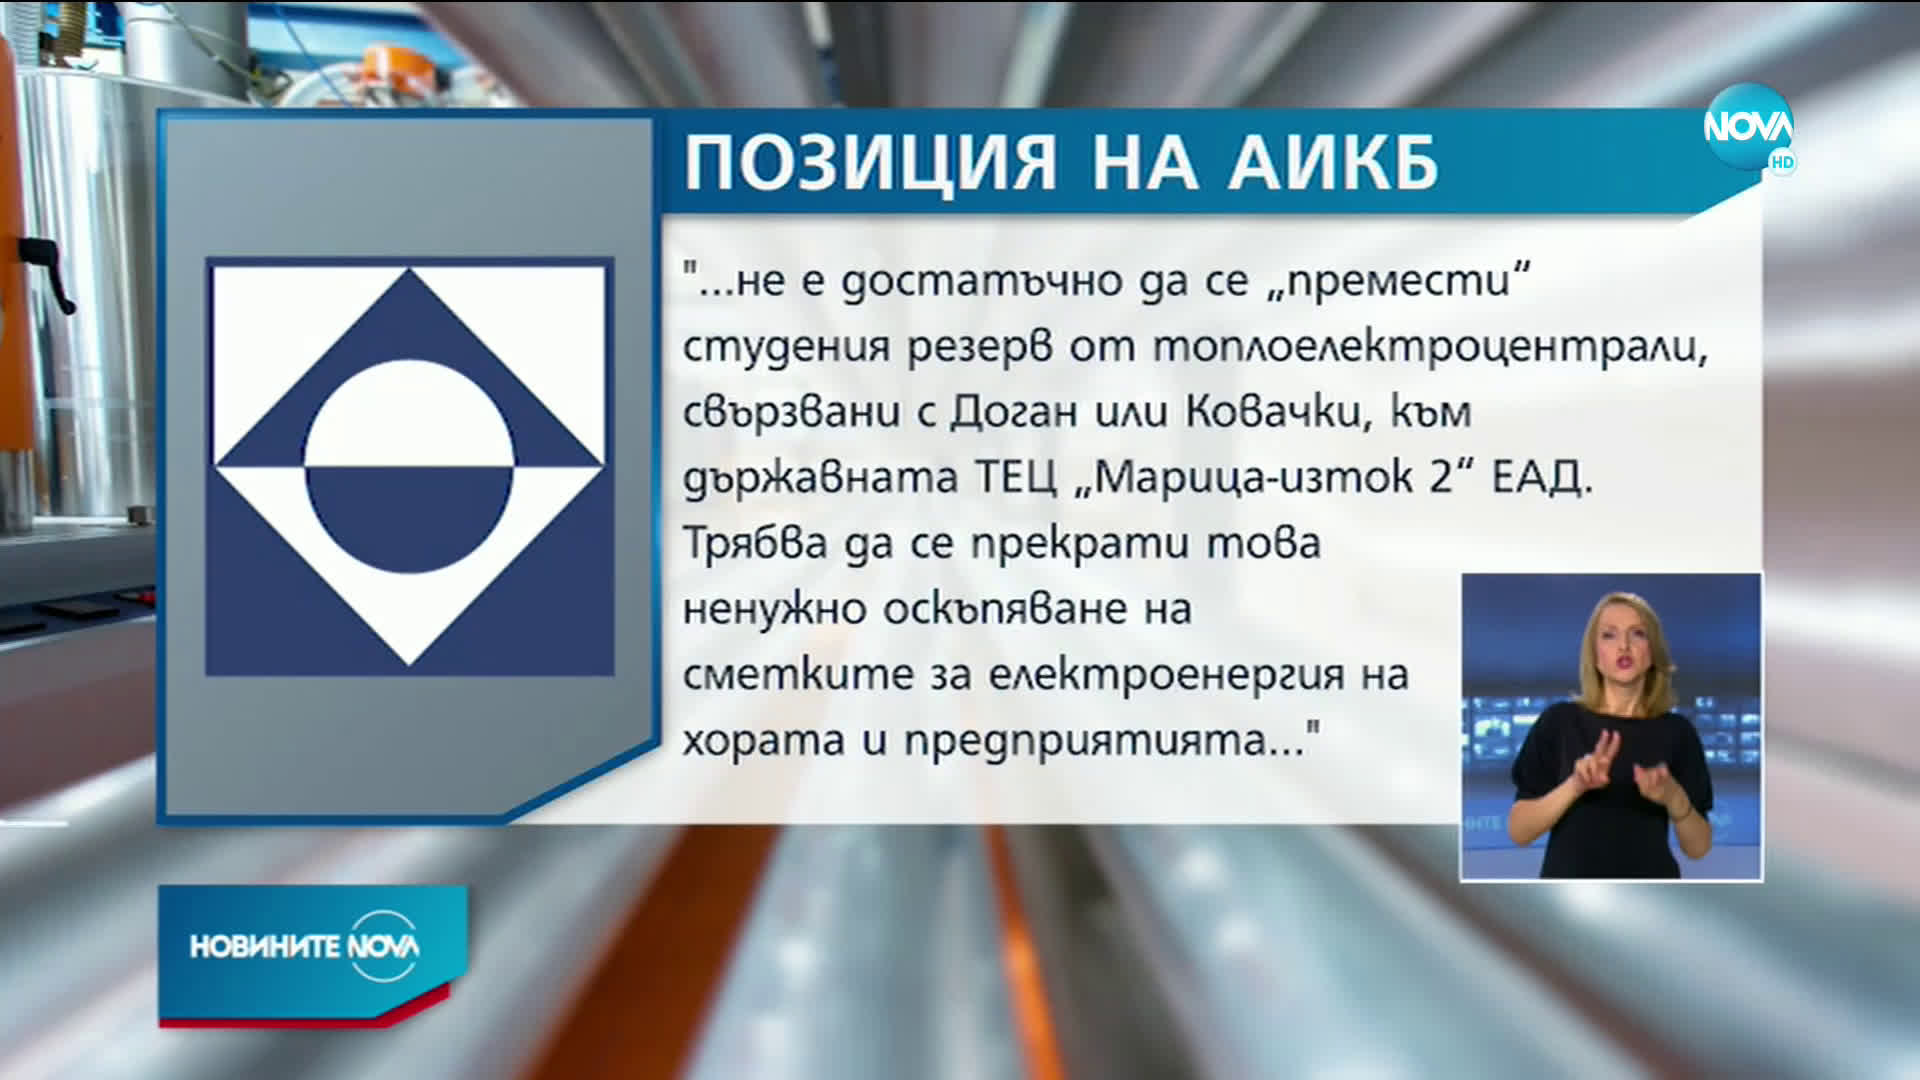 """Позиция на АИКБ относно т.н. """"студен резерв"""""""